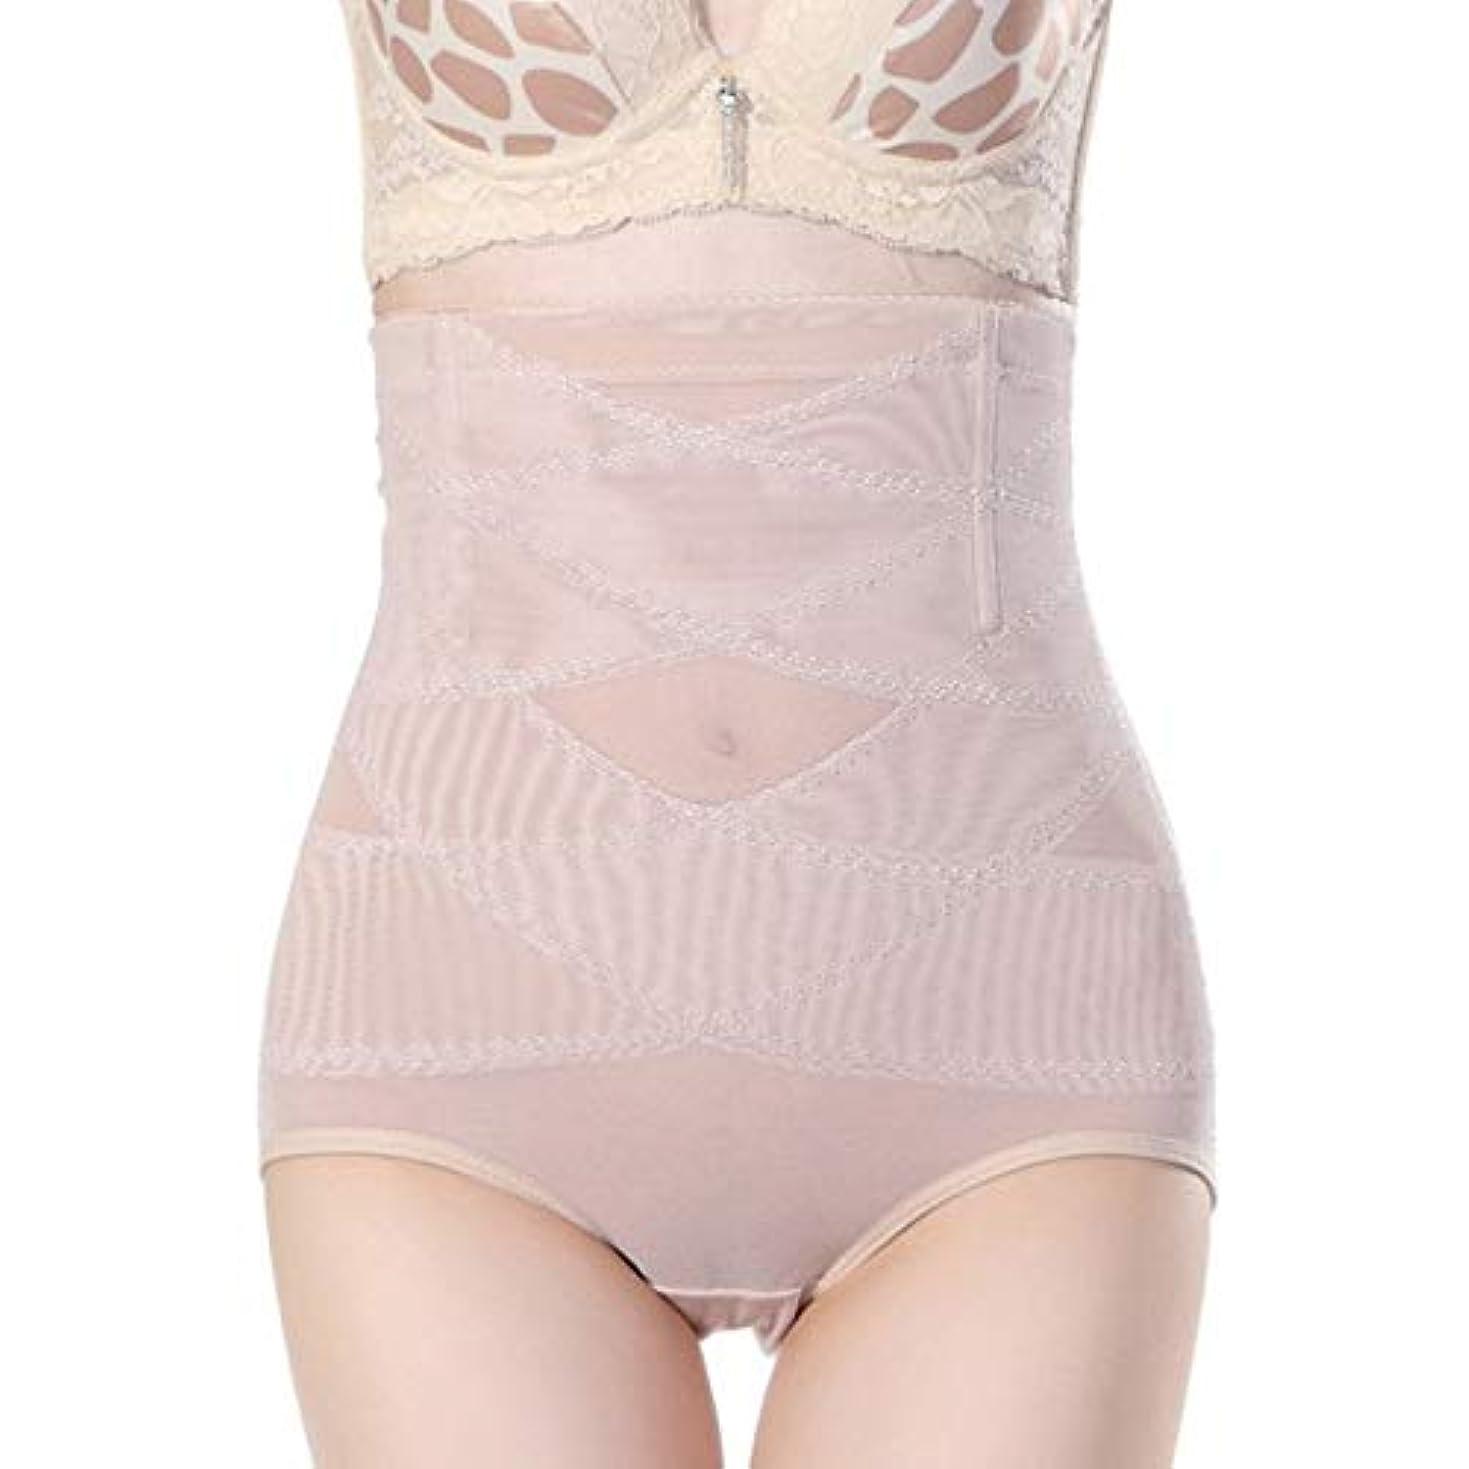 段落厳しい中庭腹部制御下着シームレスおなかコントロールパンティーバットリフターボディシェイパーを痩身通気性のハイウエストの女性 - 肌色L